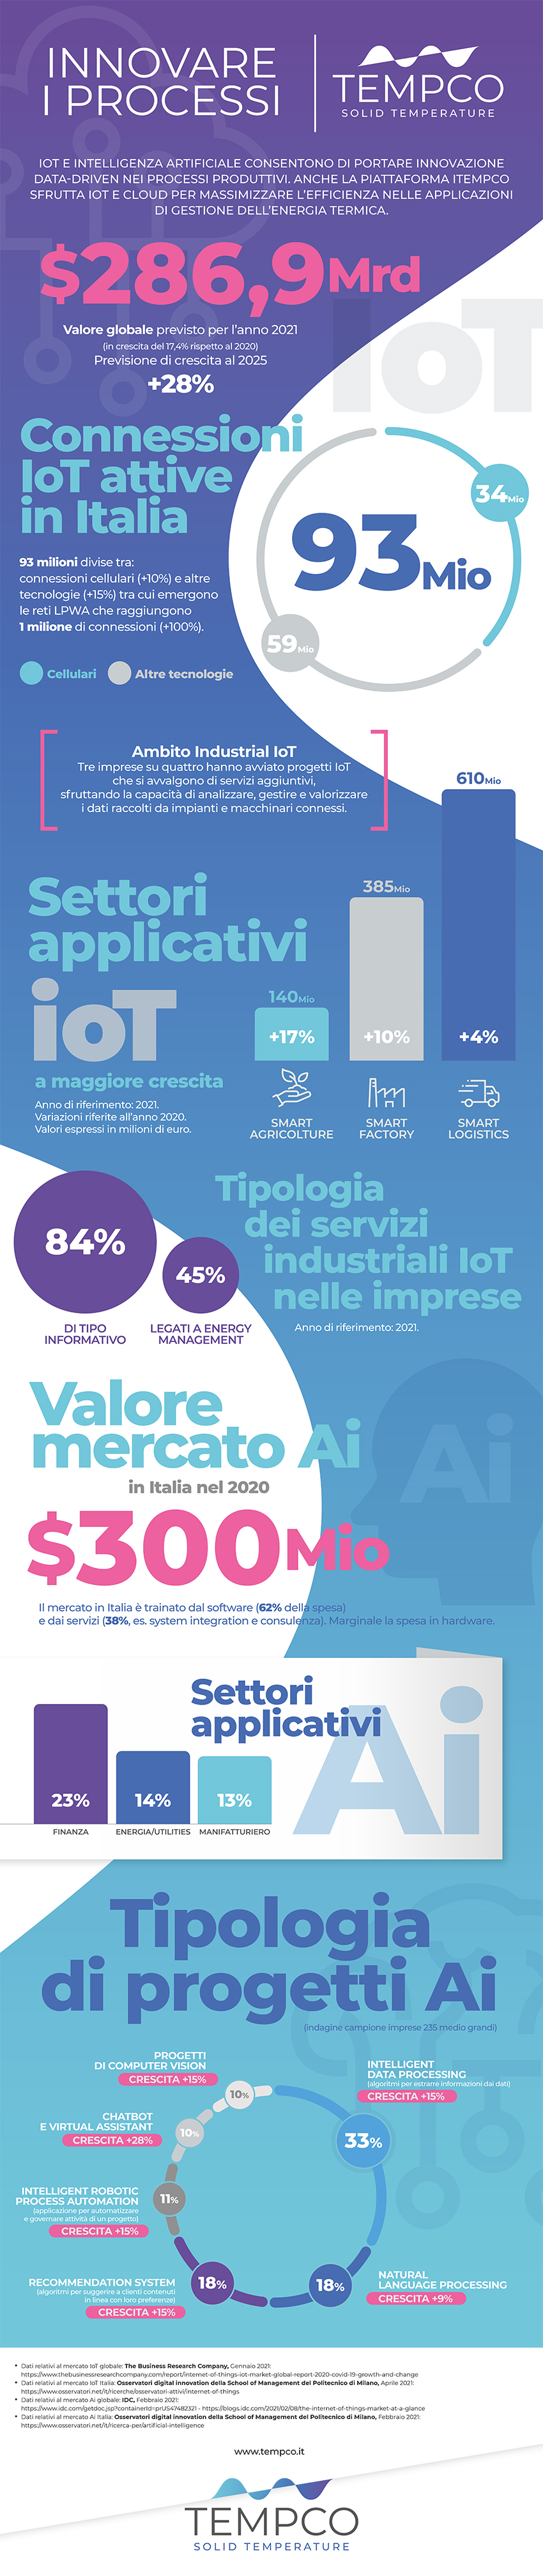 Tempco infografica AI IoT innovazione di processo